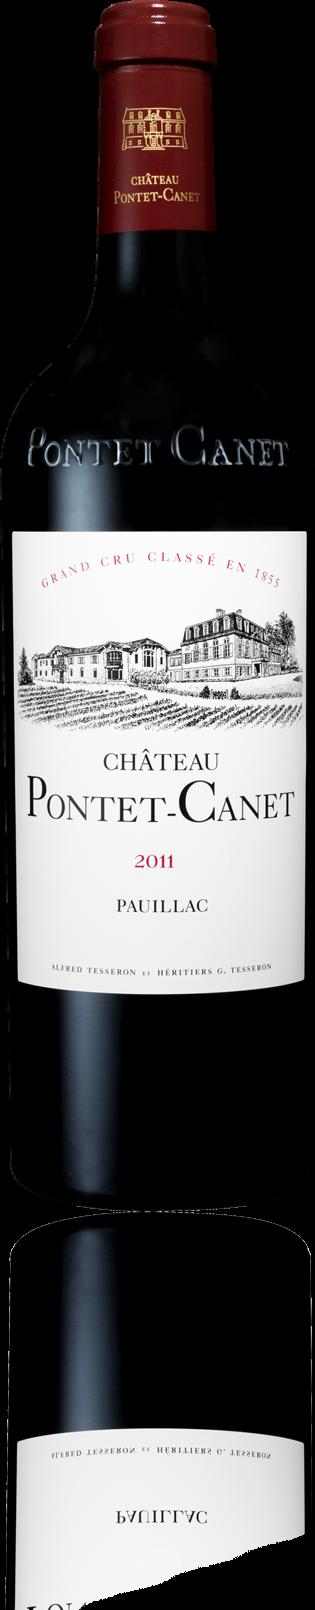 Chateau Pontet Canet - Pauillac 5CC., 2011